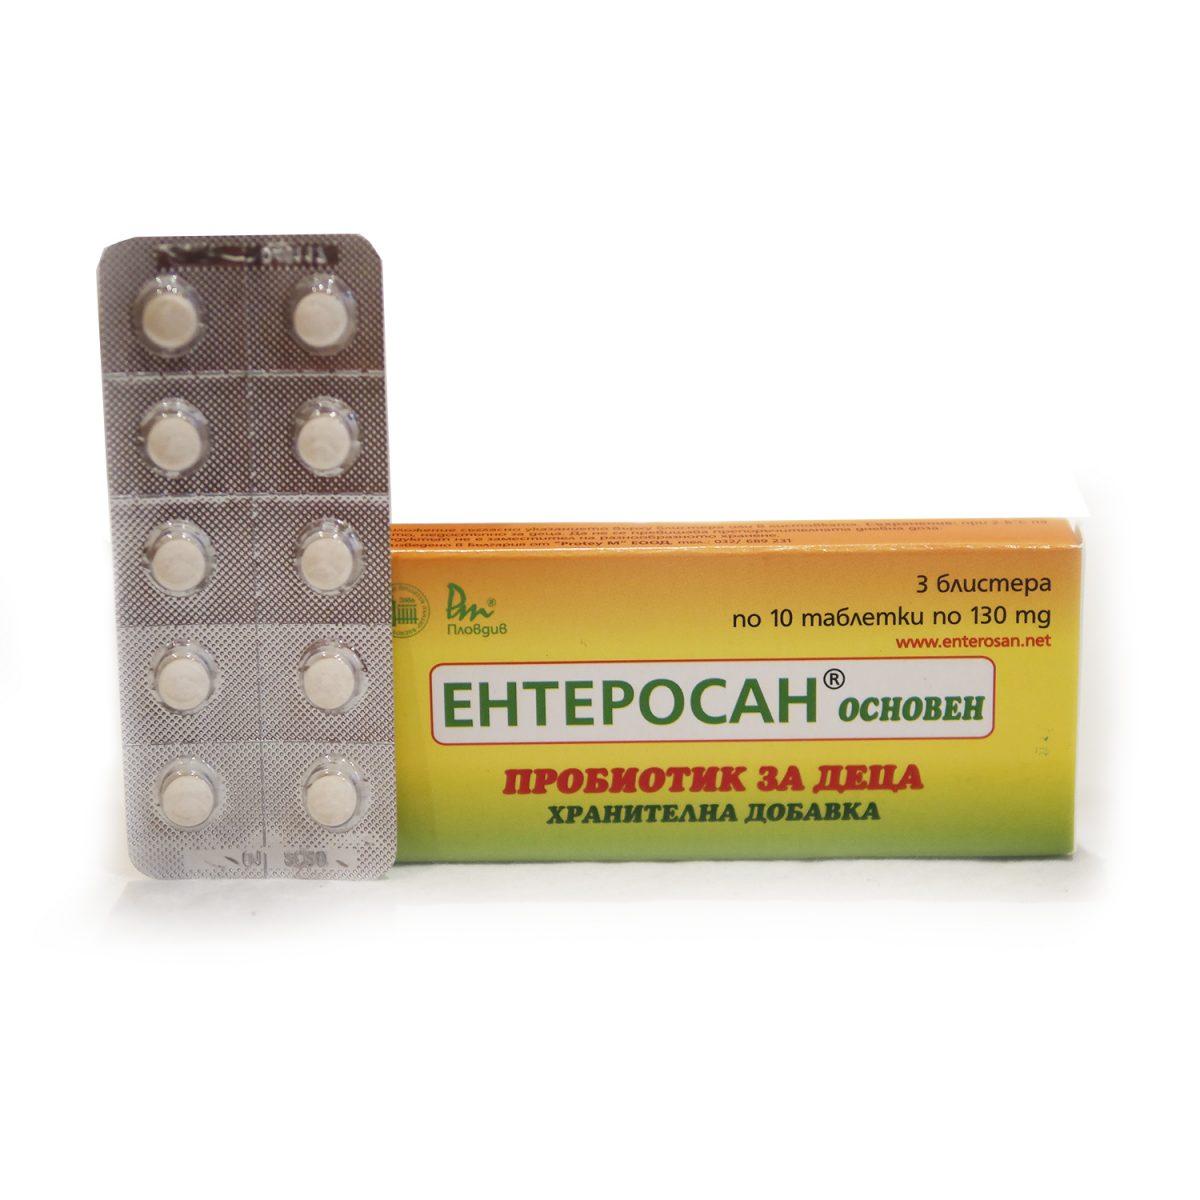 Едетски пробиотик Ентеросан (основен) - Здраве & Вино - zdravevino.bg